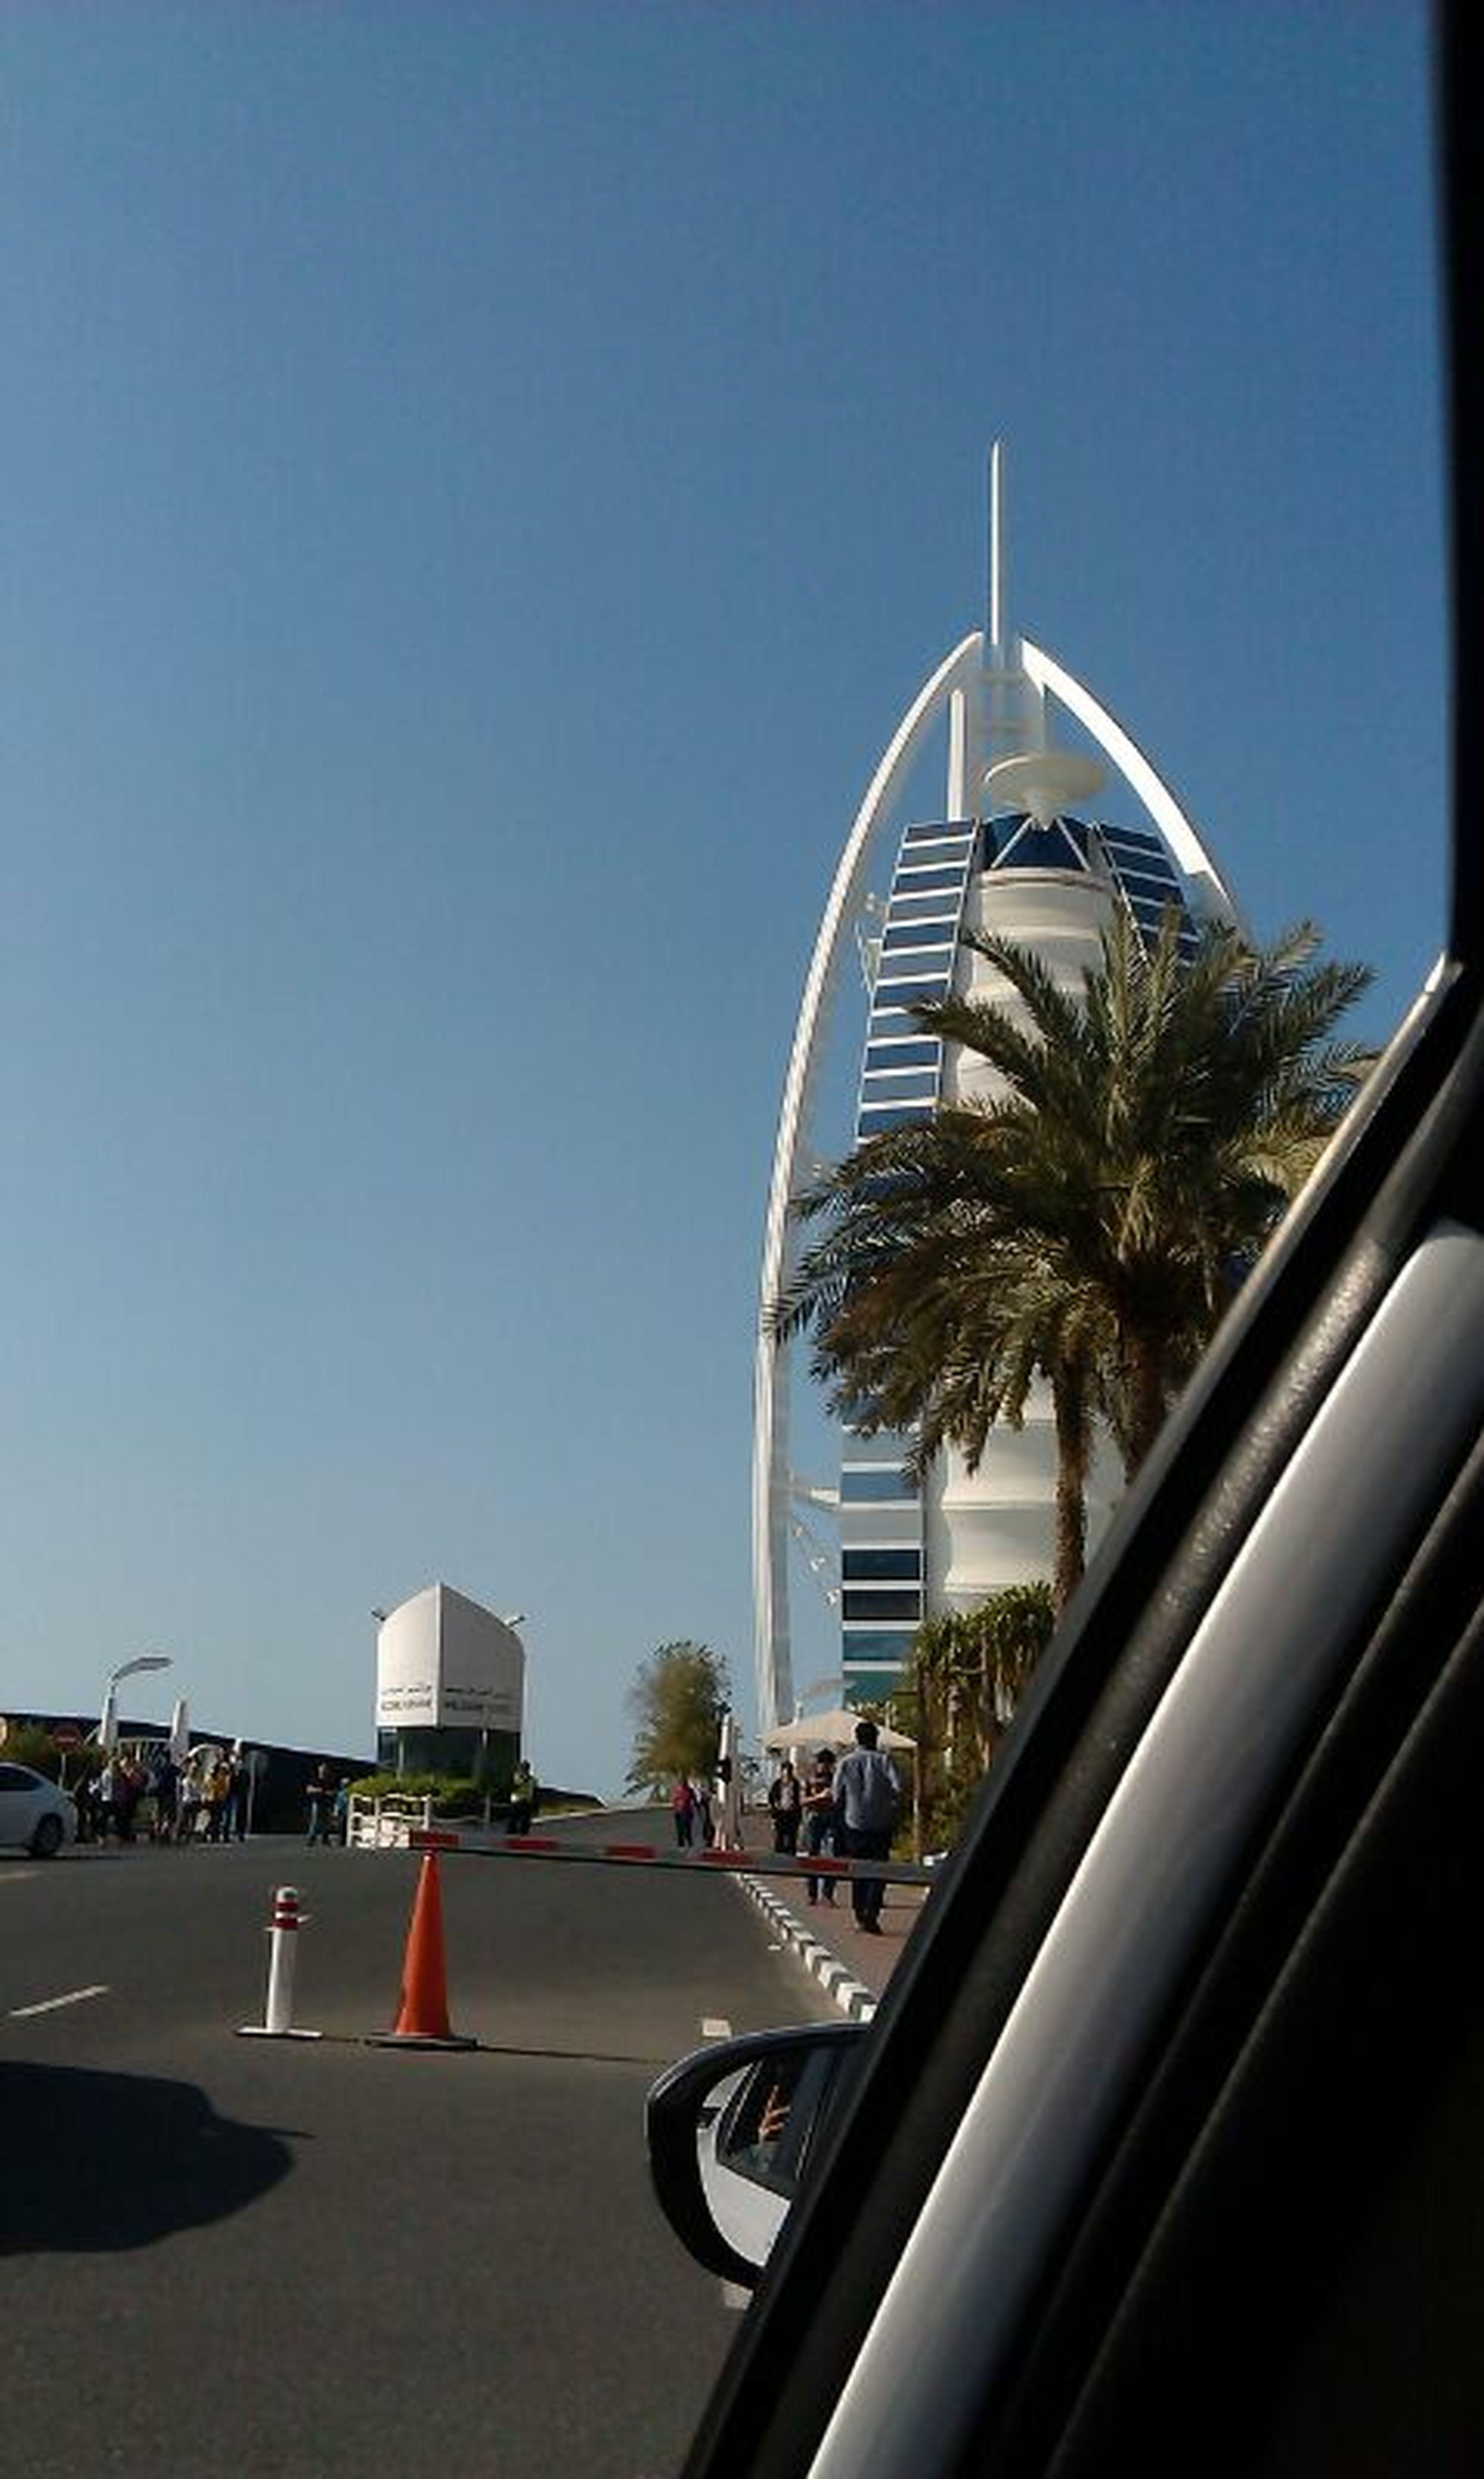 Dubai .....♥_♥